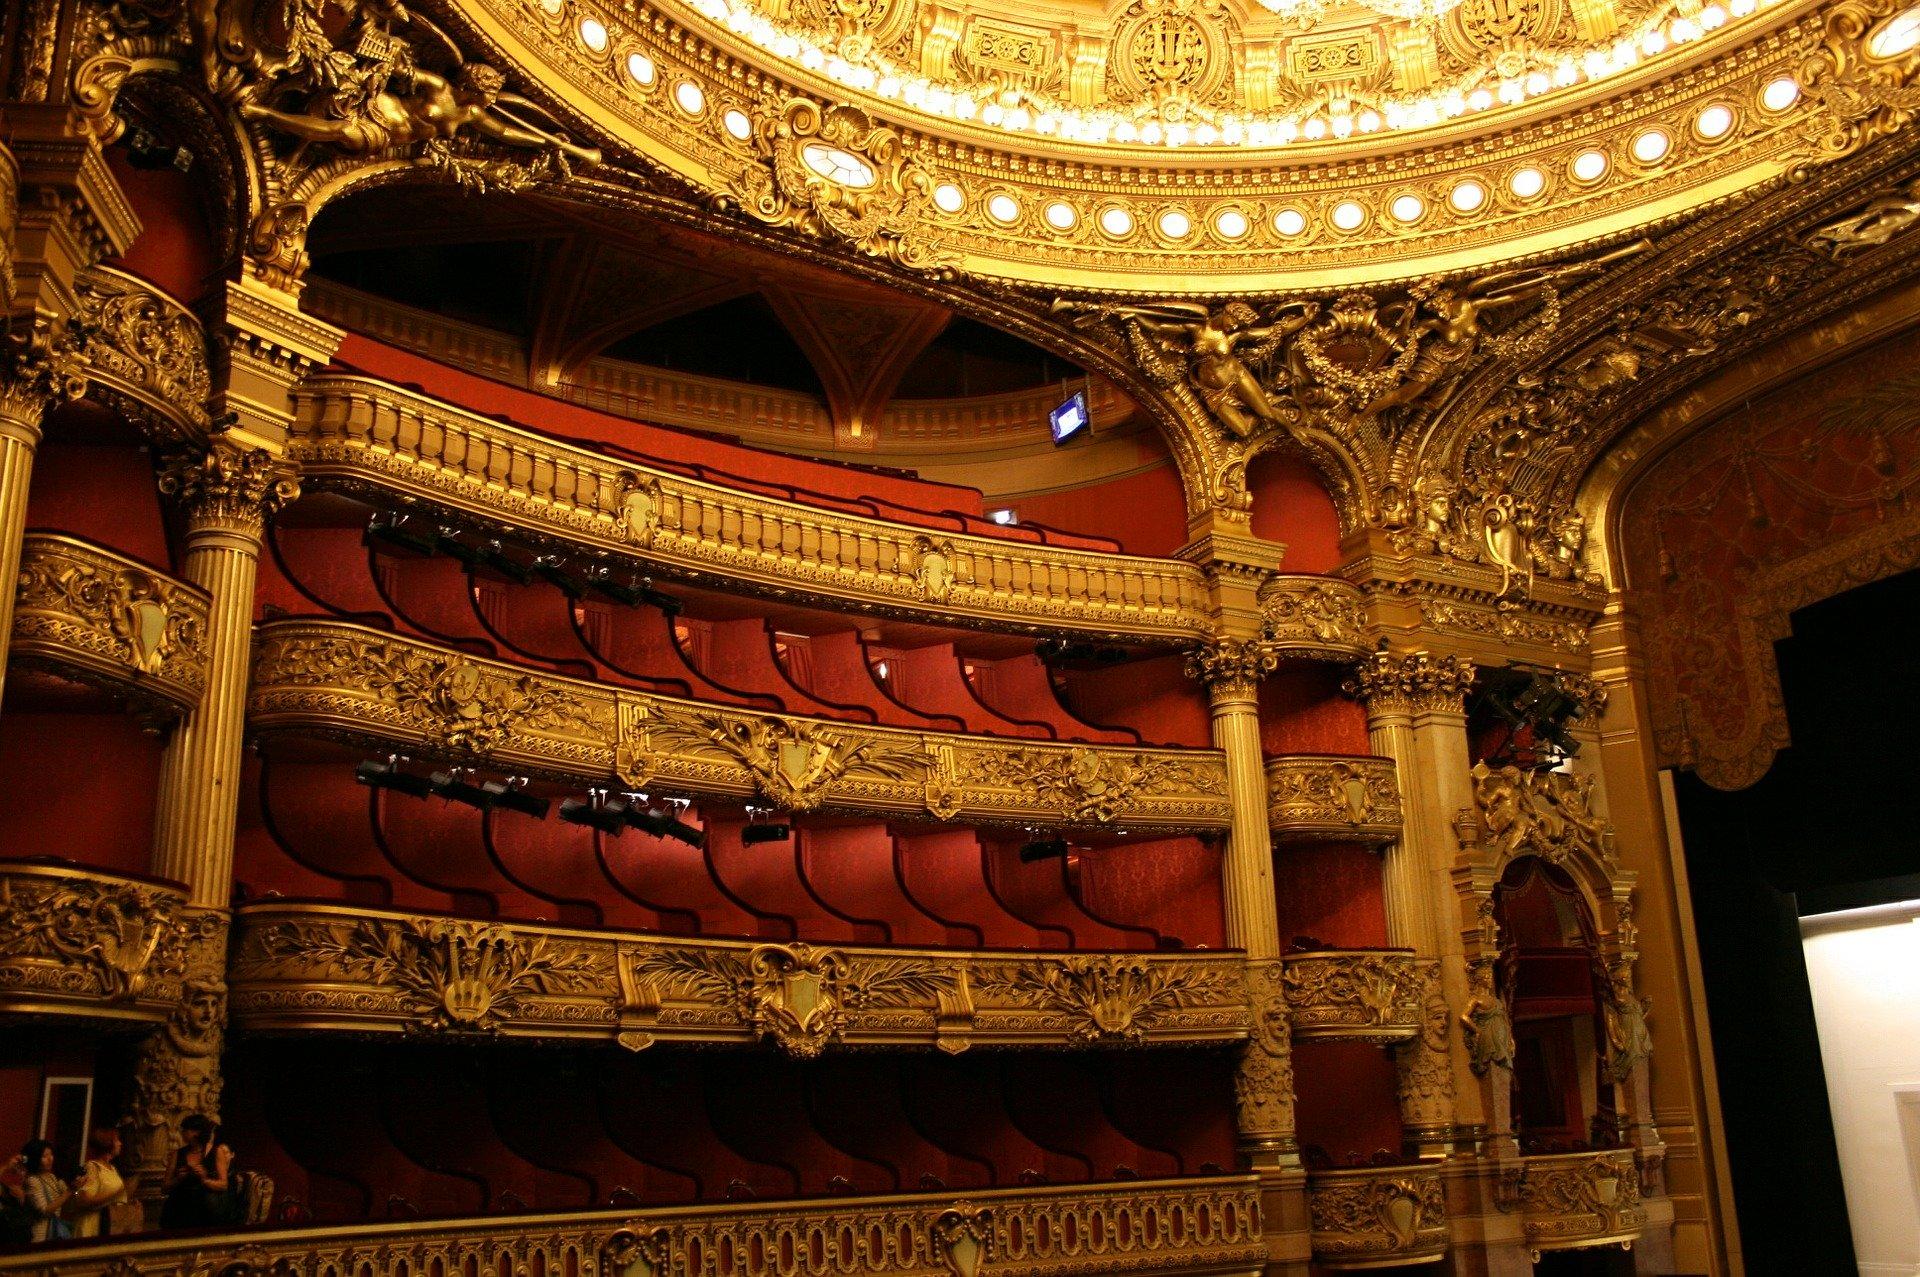 Auditorium inside the Palais Garnier Opera House